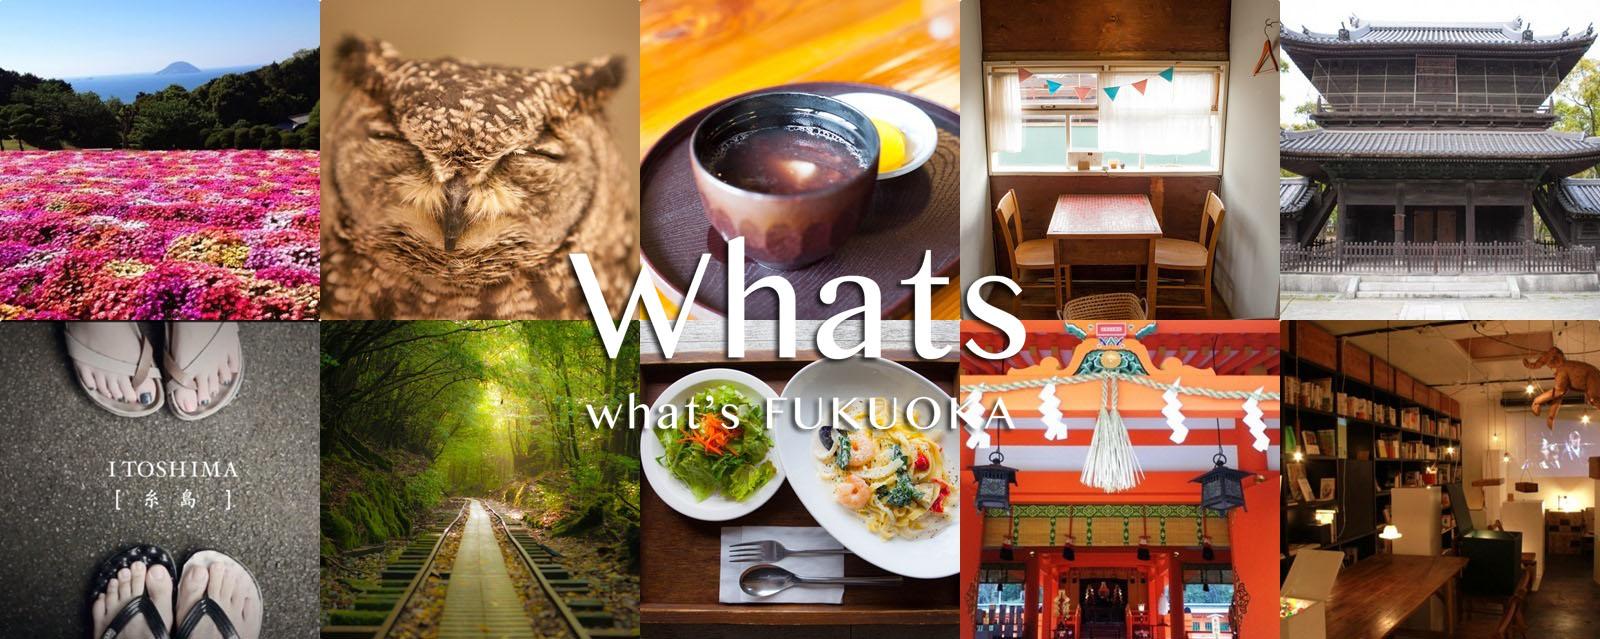 福岡 国際交流 Whats Fukuoka -